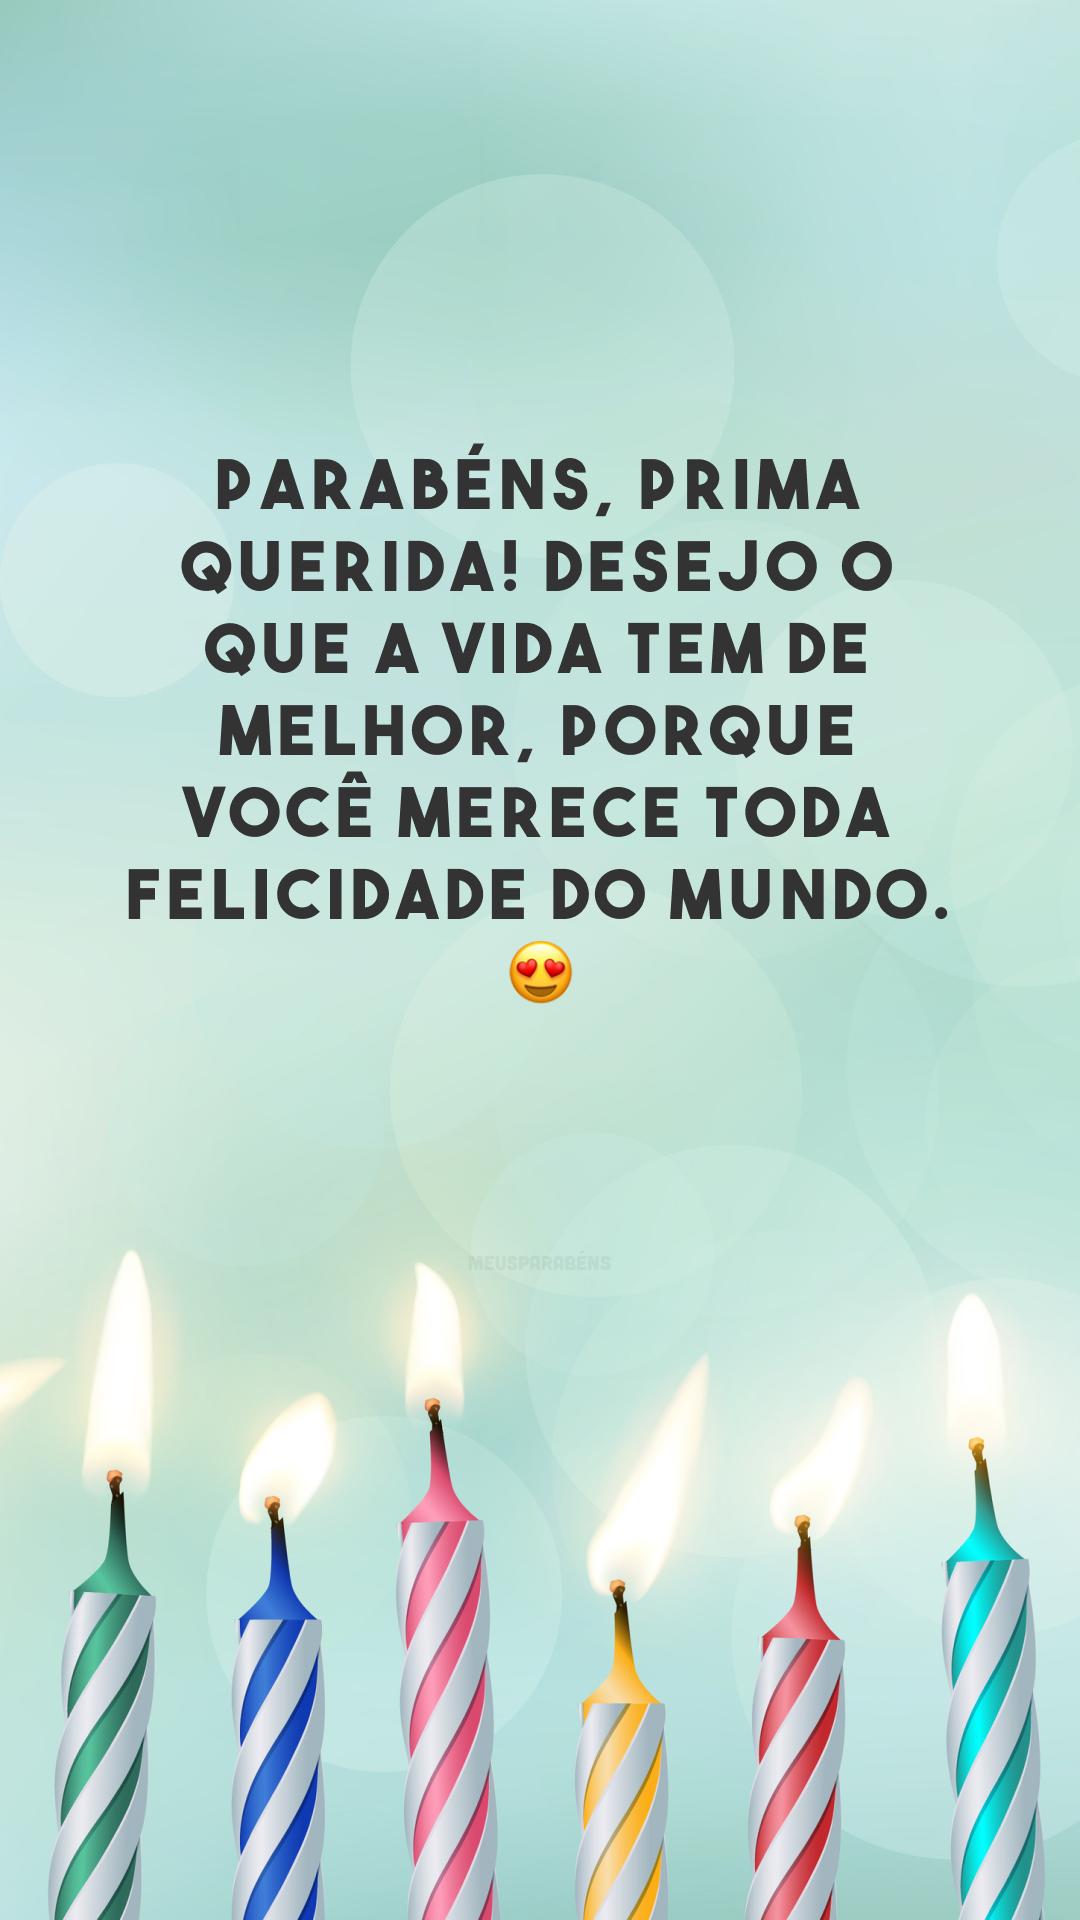 Parabéns, prima querida! Desejo o que a vida tem de melhor, porque você merece toda felicidade do mundo. 😍